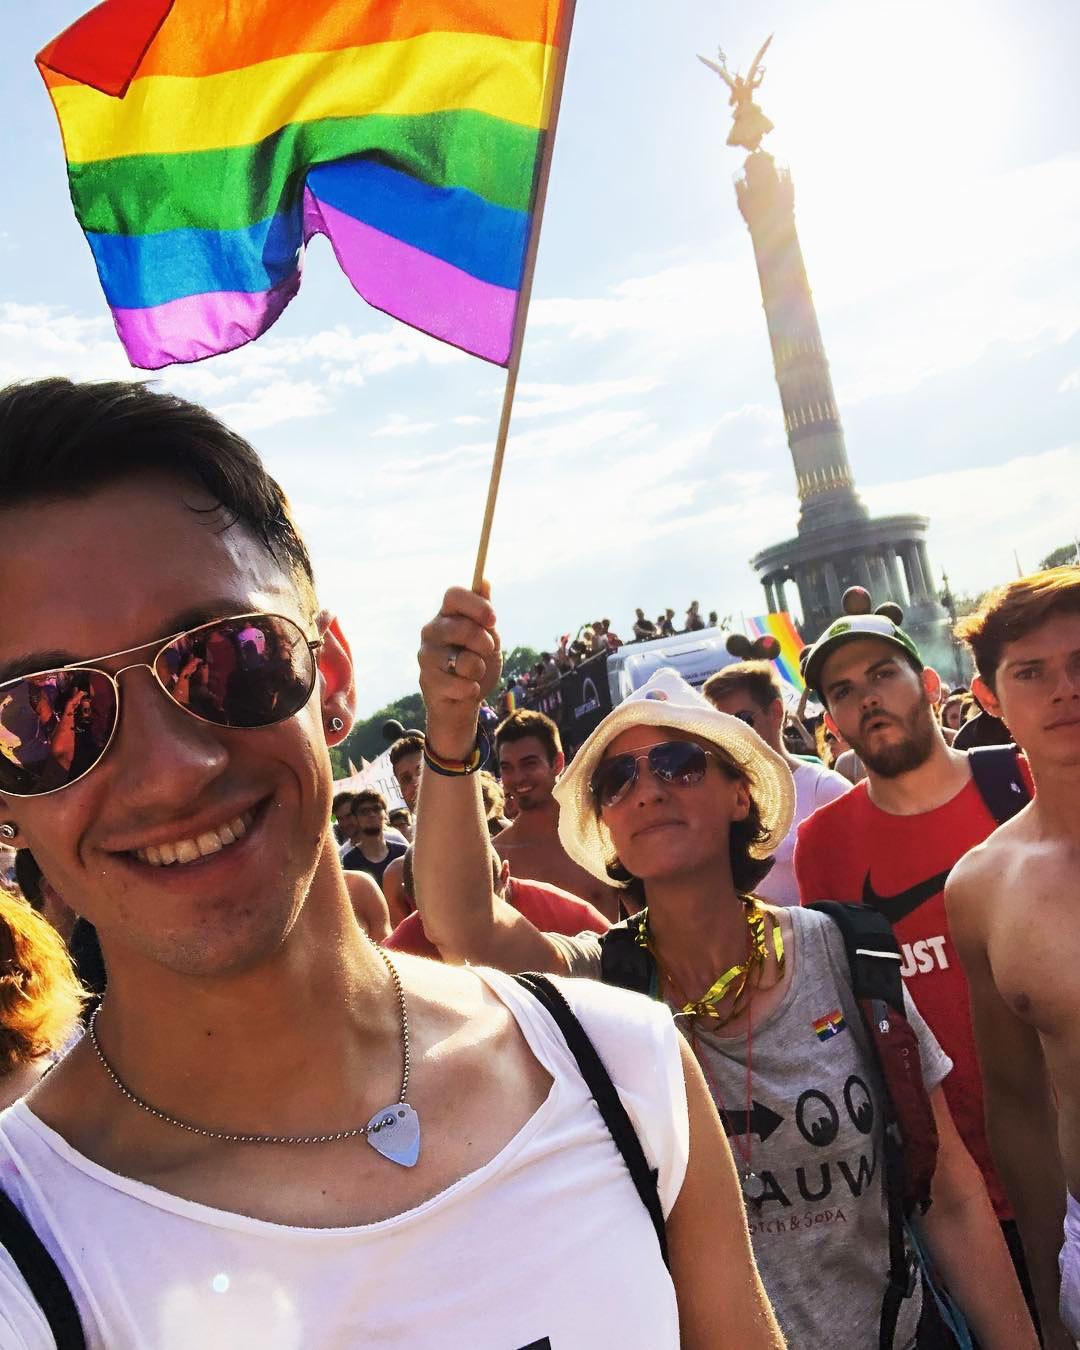 2018073019285345 - 数十万人在柏林参加CSD骄傲节